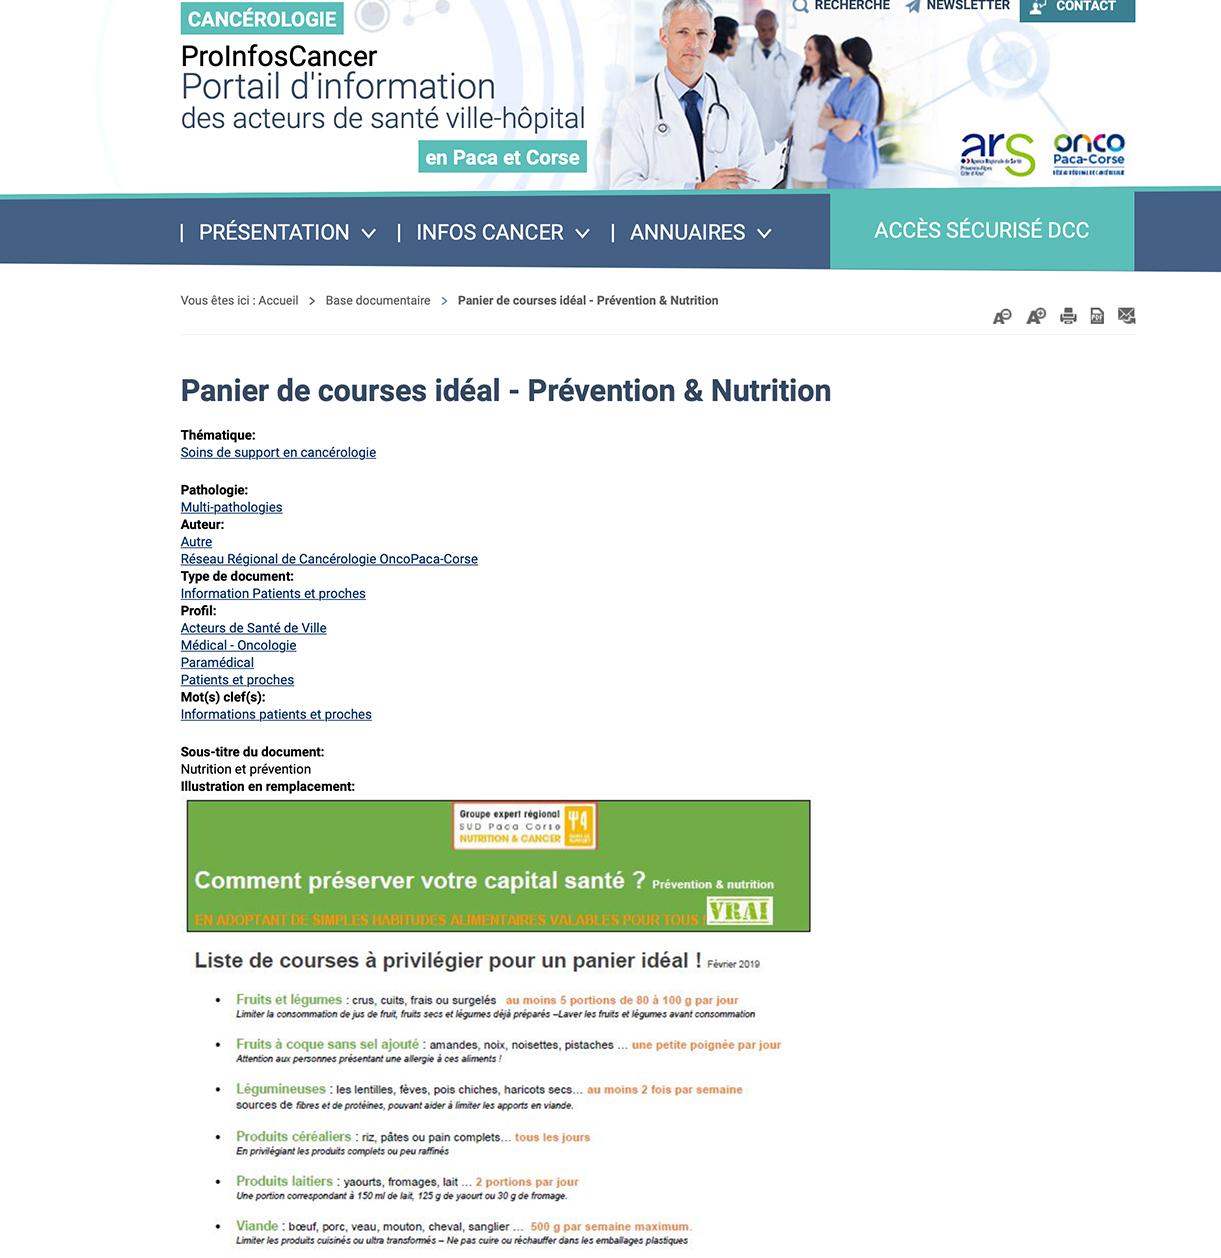 Panier de courses idéal - Prévention & Nutrition